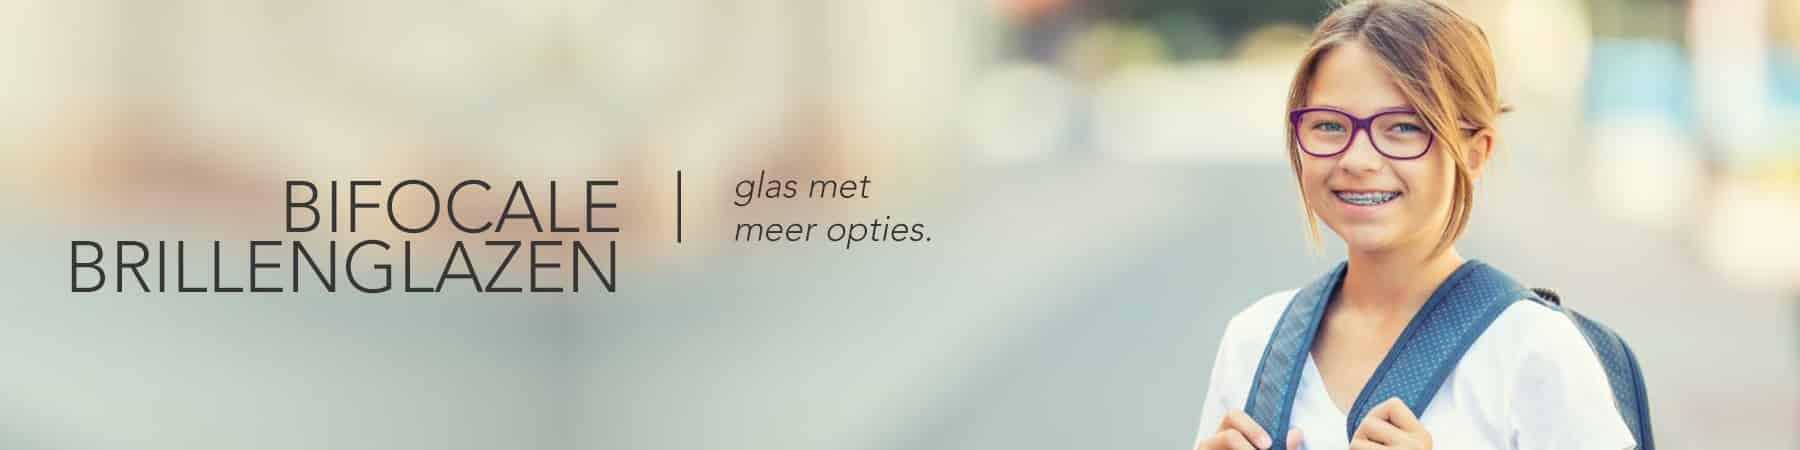 bifocale brillenglazen